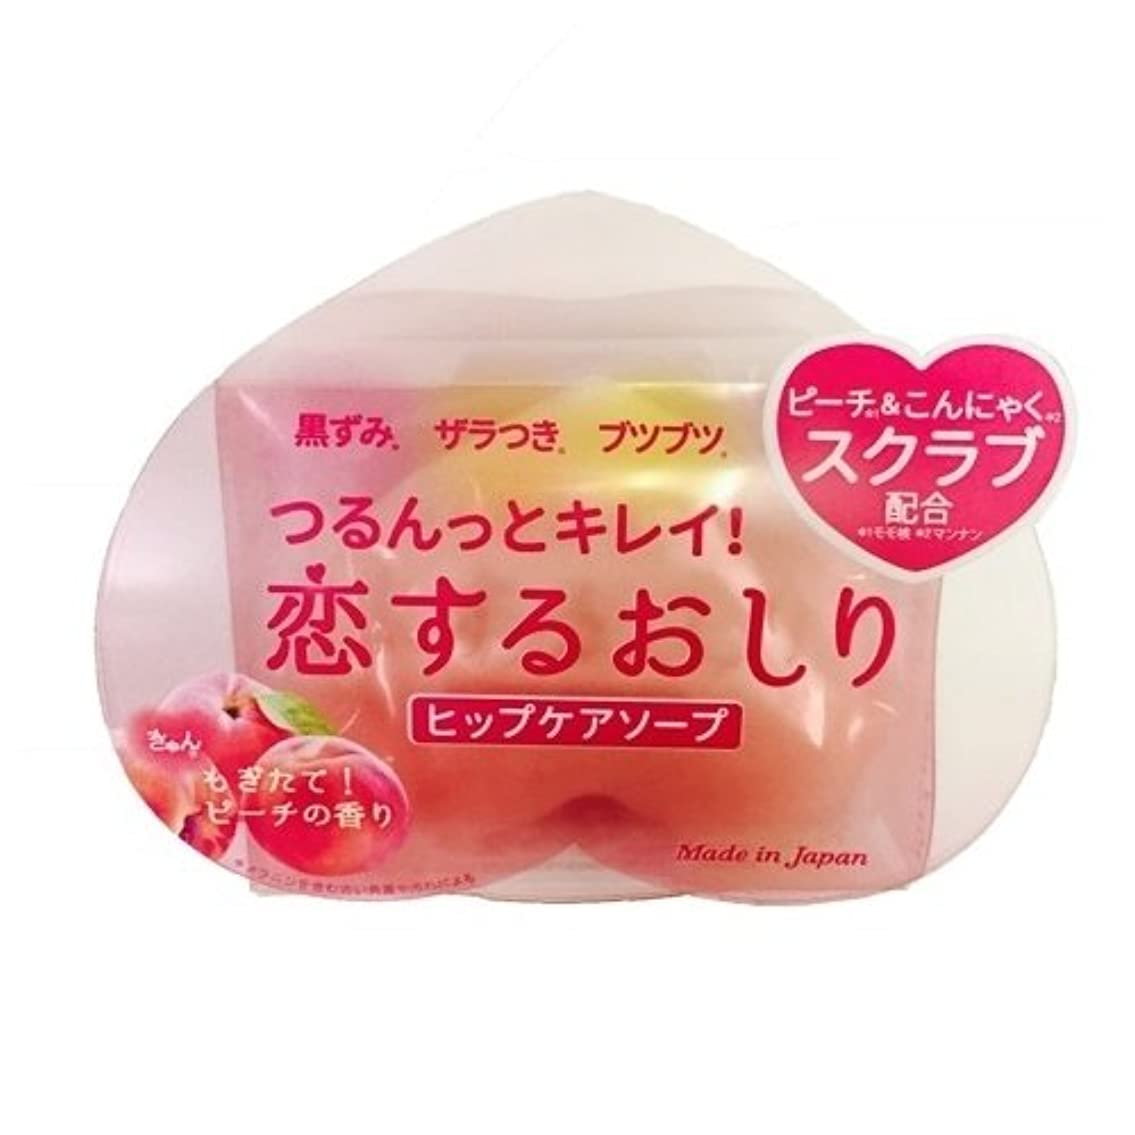 パトワ今まどろみのあるペリカン石鹸 恋するおしり ヒップケアソープ 80g